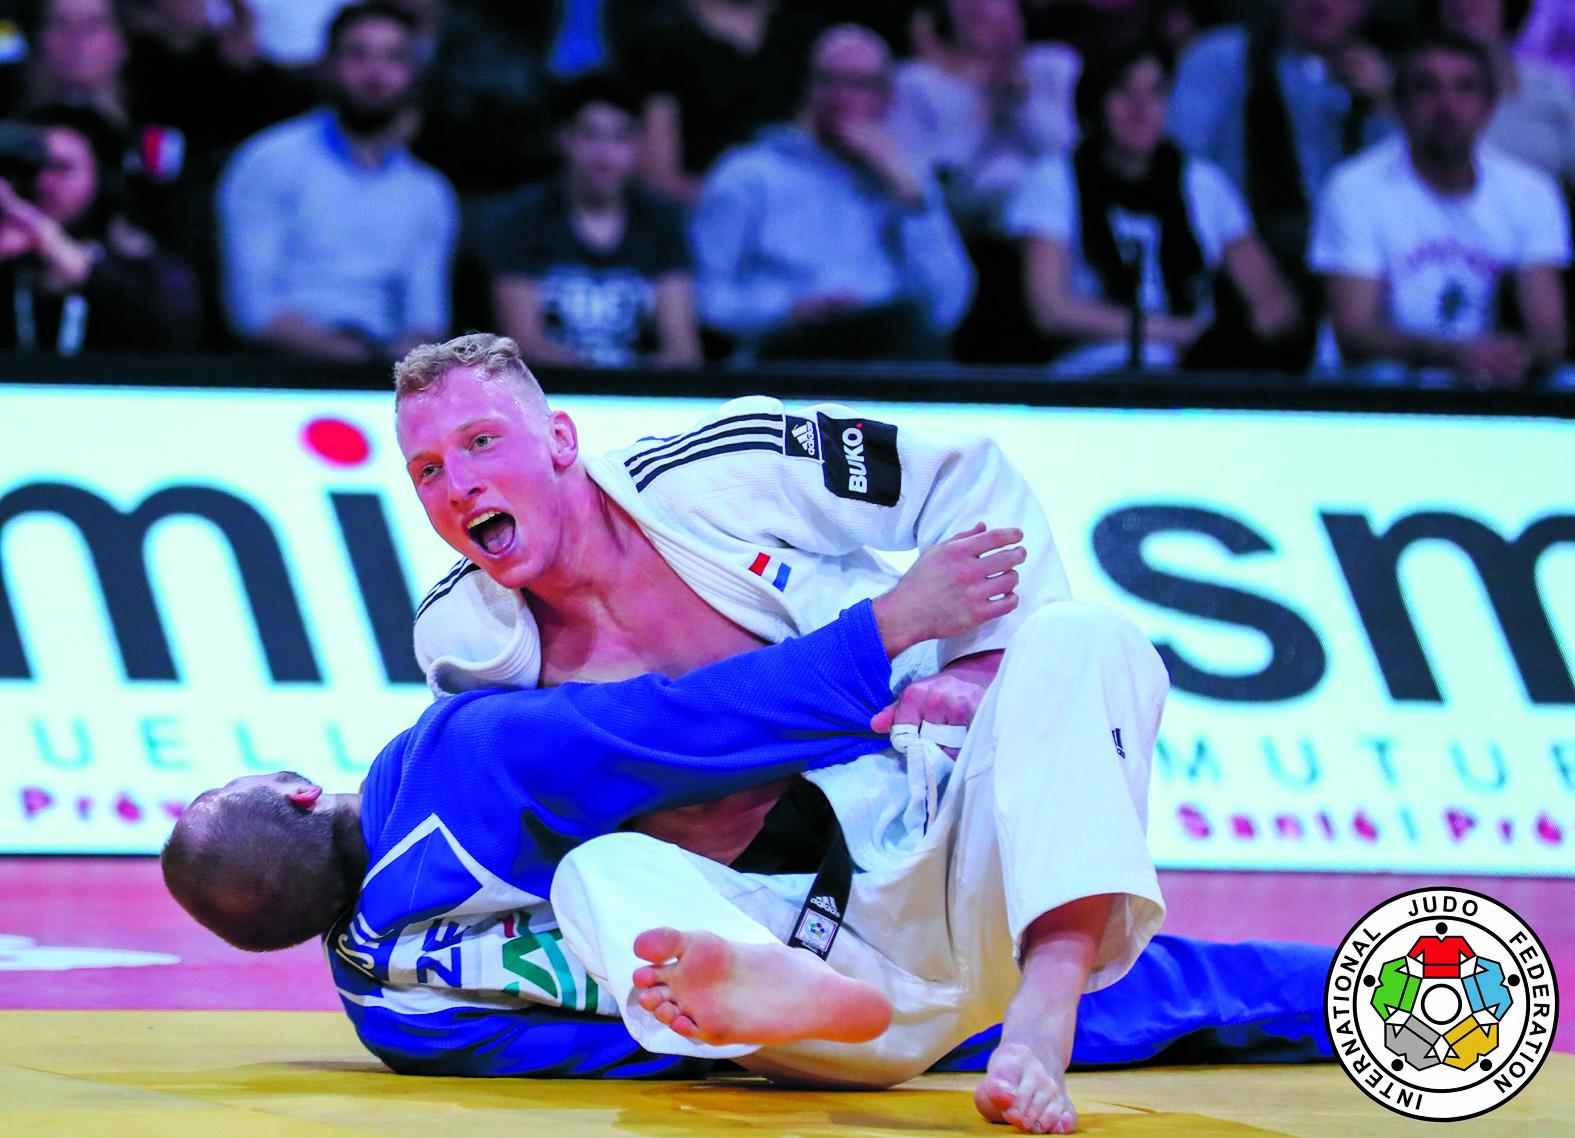 De Heemskerkse judoka Frank de Wit in actie. (FOTO: AANGELEVERD)